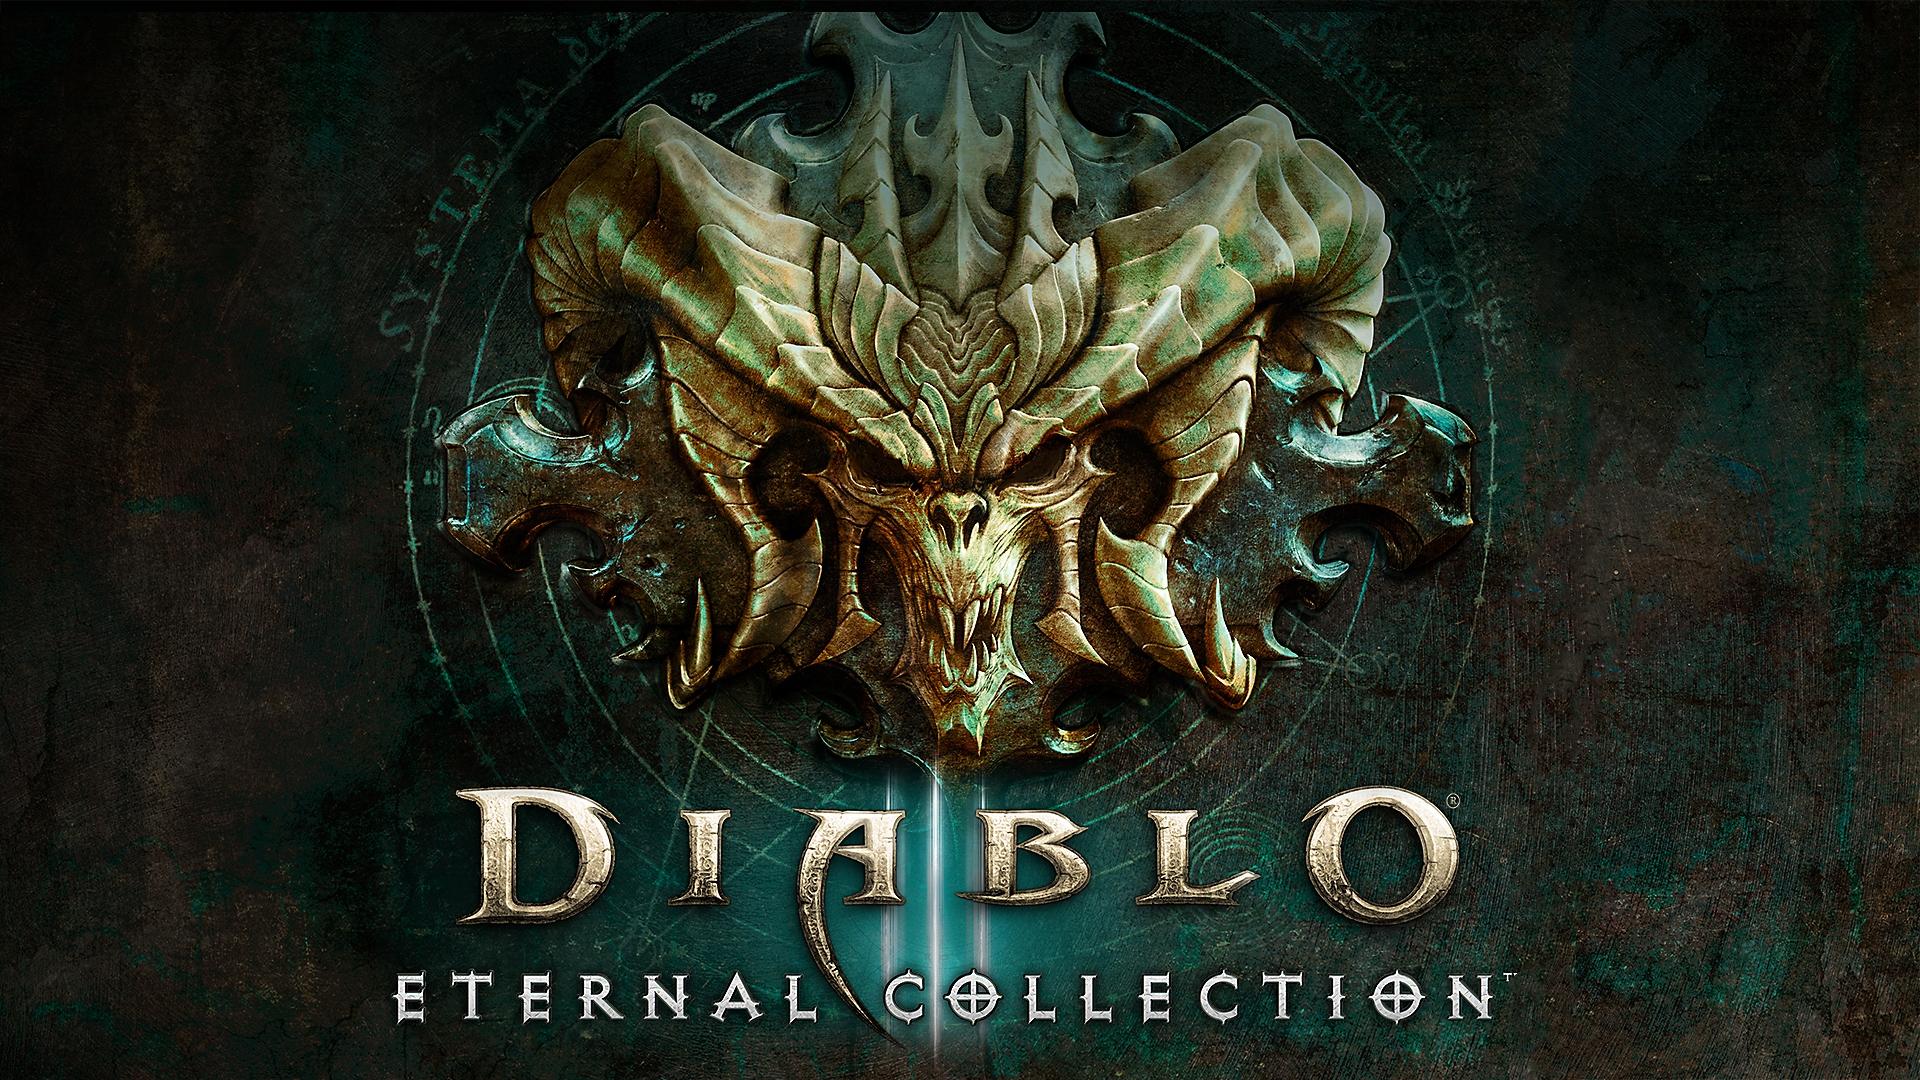 الصورة الفنية للعبة Diablo III - Eternal Collection